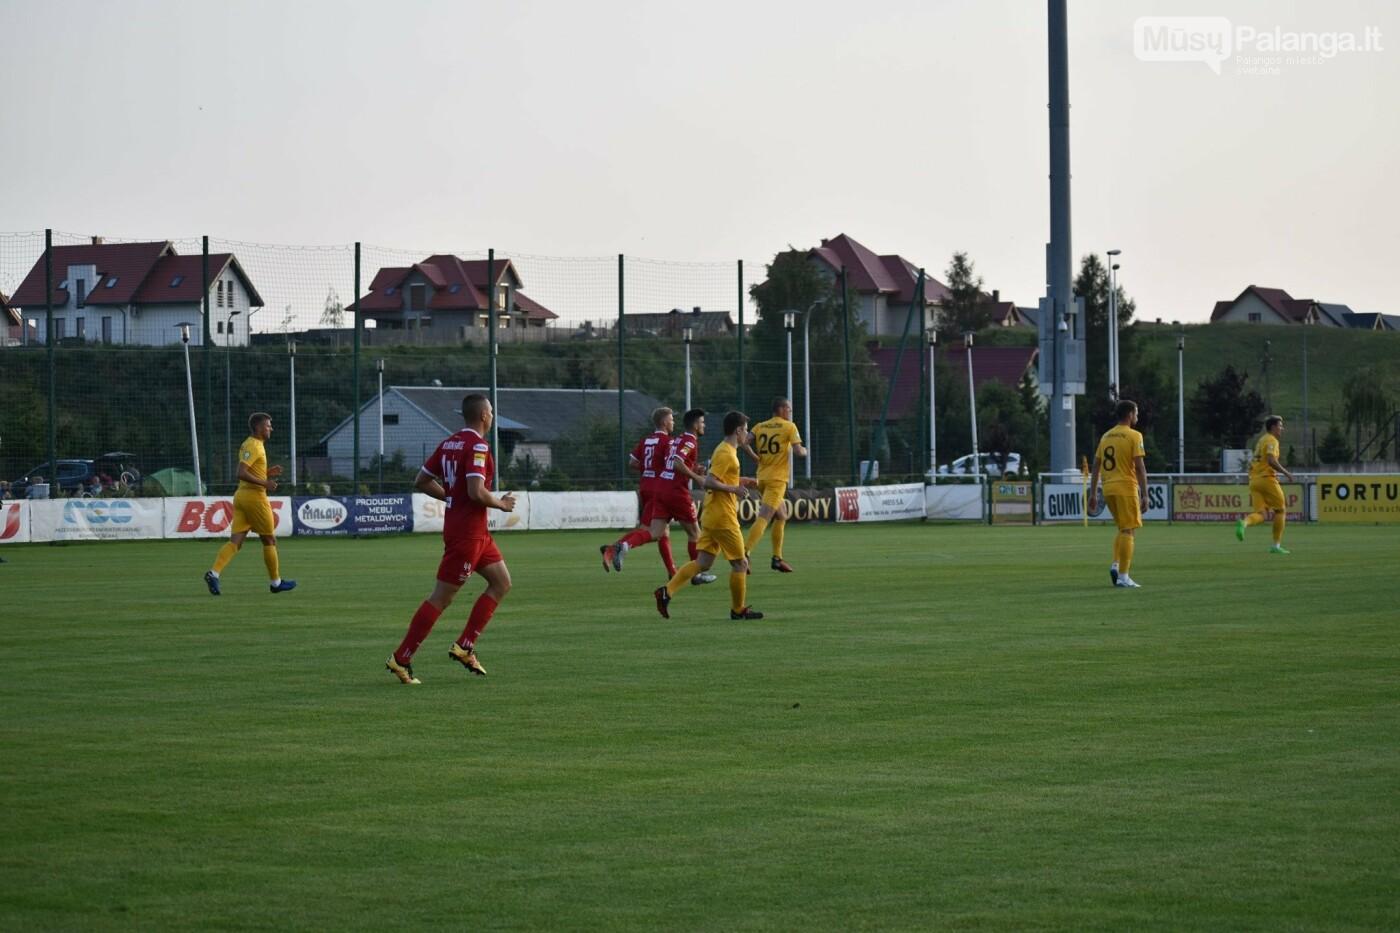 Kontrolinėse rungtynėse Lenkijoje – būrys peržiūroje dalyvaujančių futbolininkų bei naujas treneris, nuotrauka-47